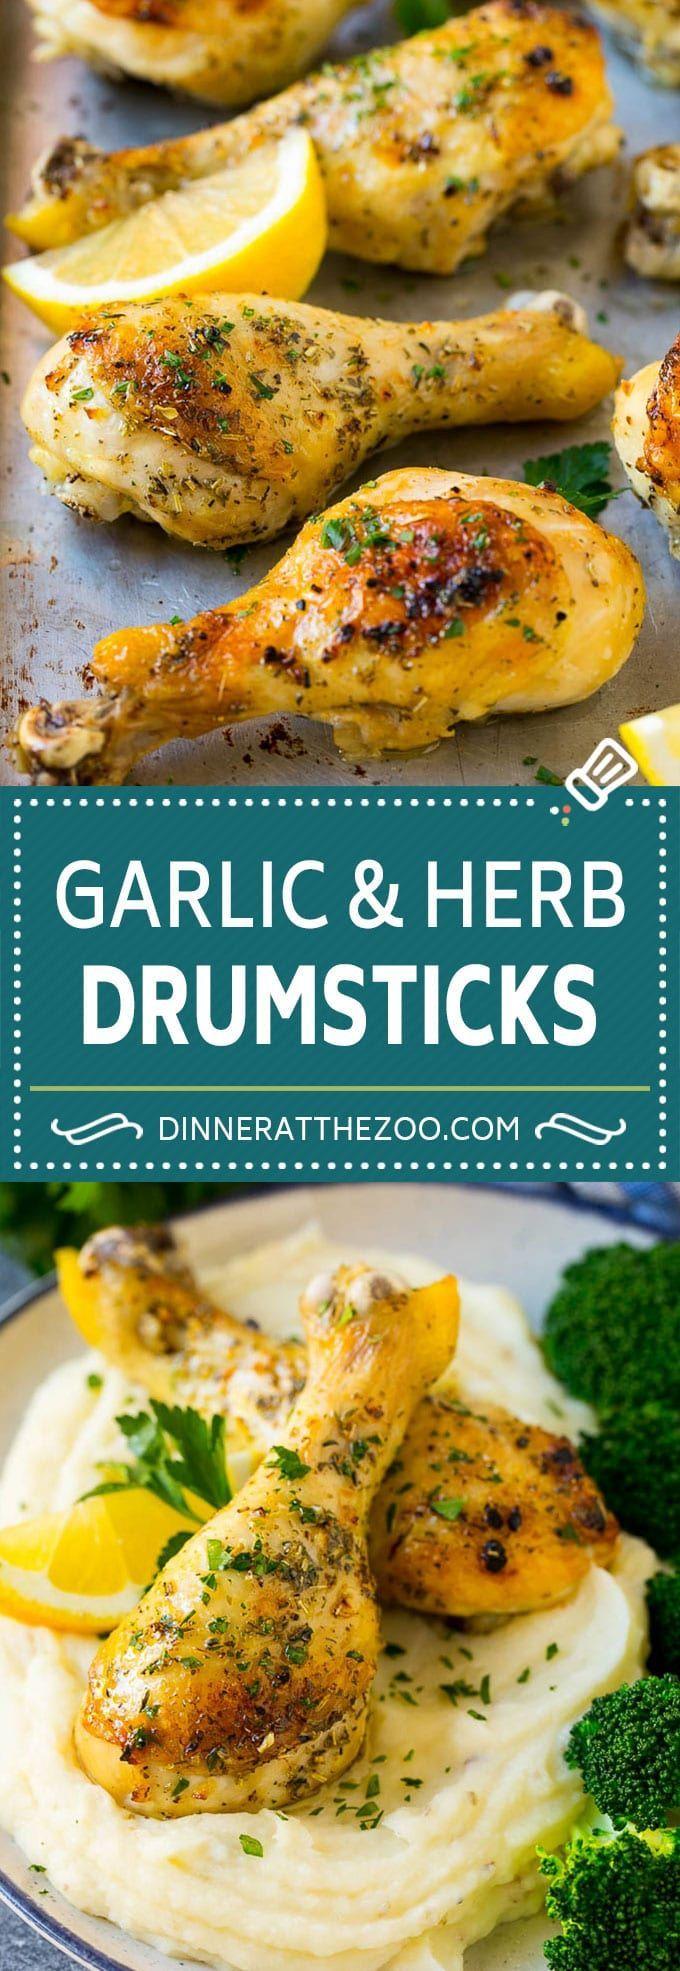 Baked Chicken Drumsticks Recipe | Roasted Chicken Drumsticks | Garlic and Herb Chicken